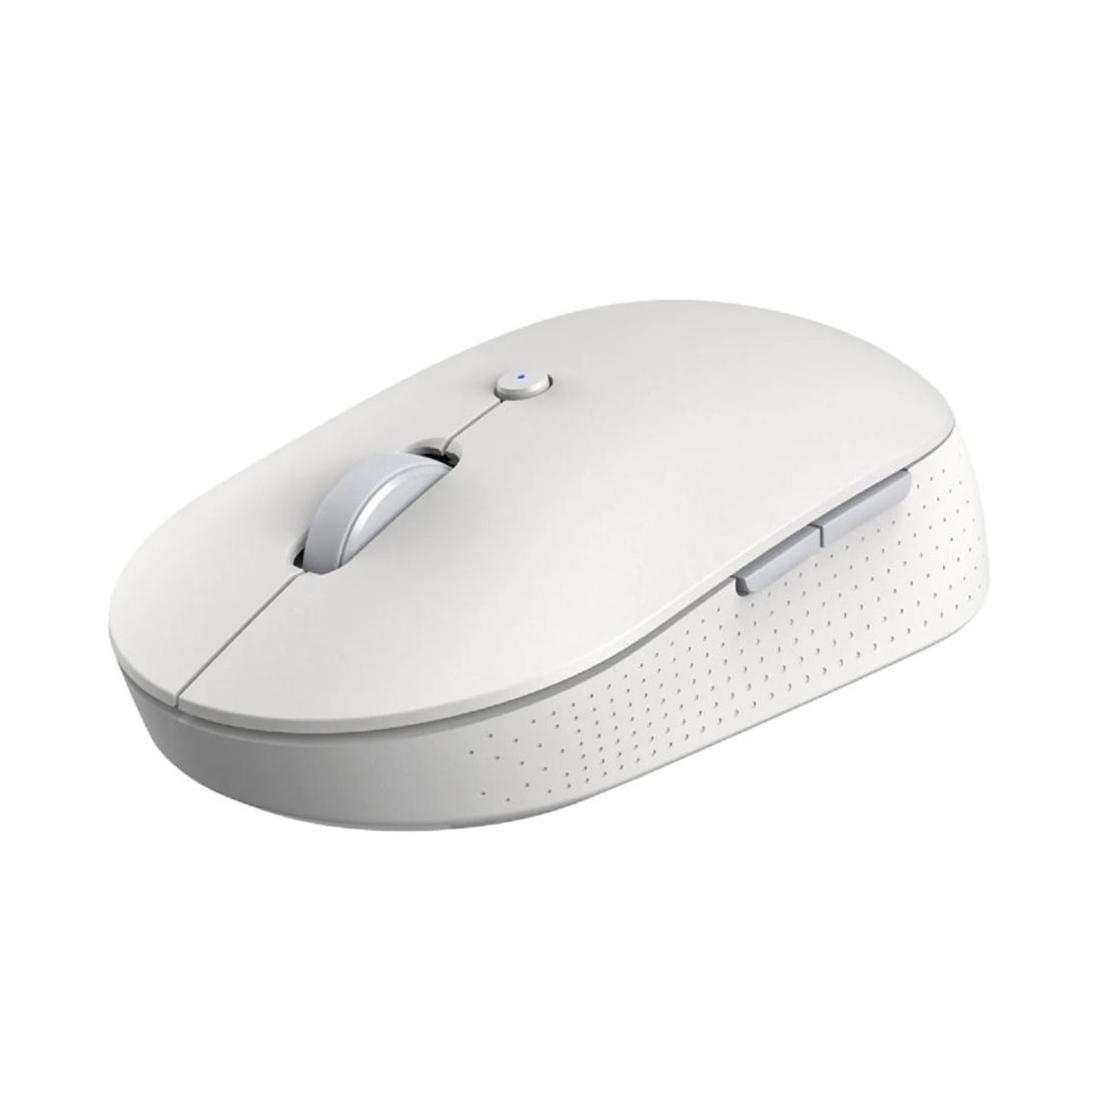 Беспроводная компьютерная мышь Xiaomi Mi Dual Mode Wireless Mouse Silent Edition Белый